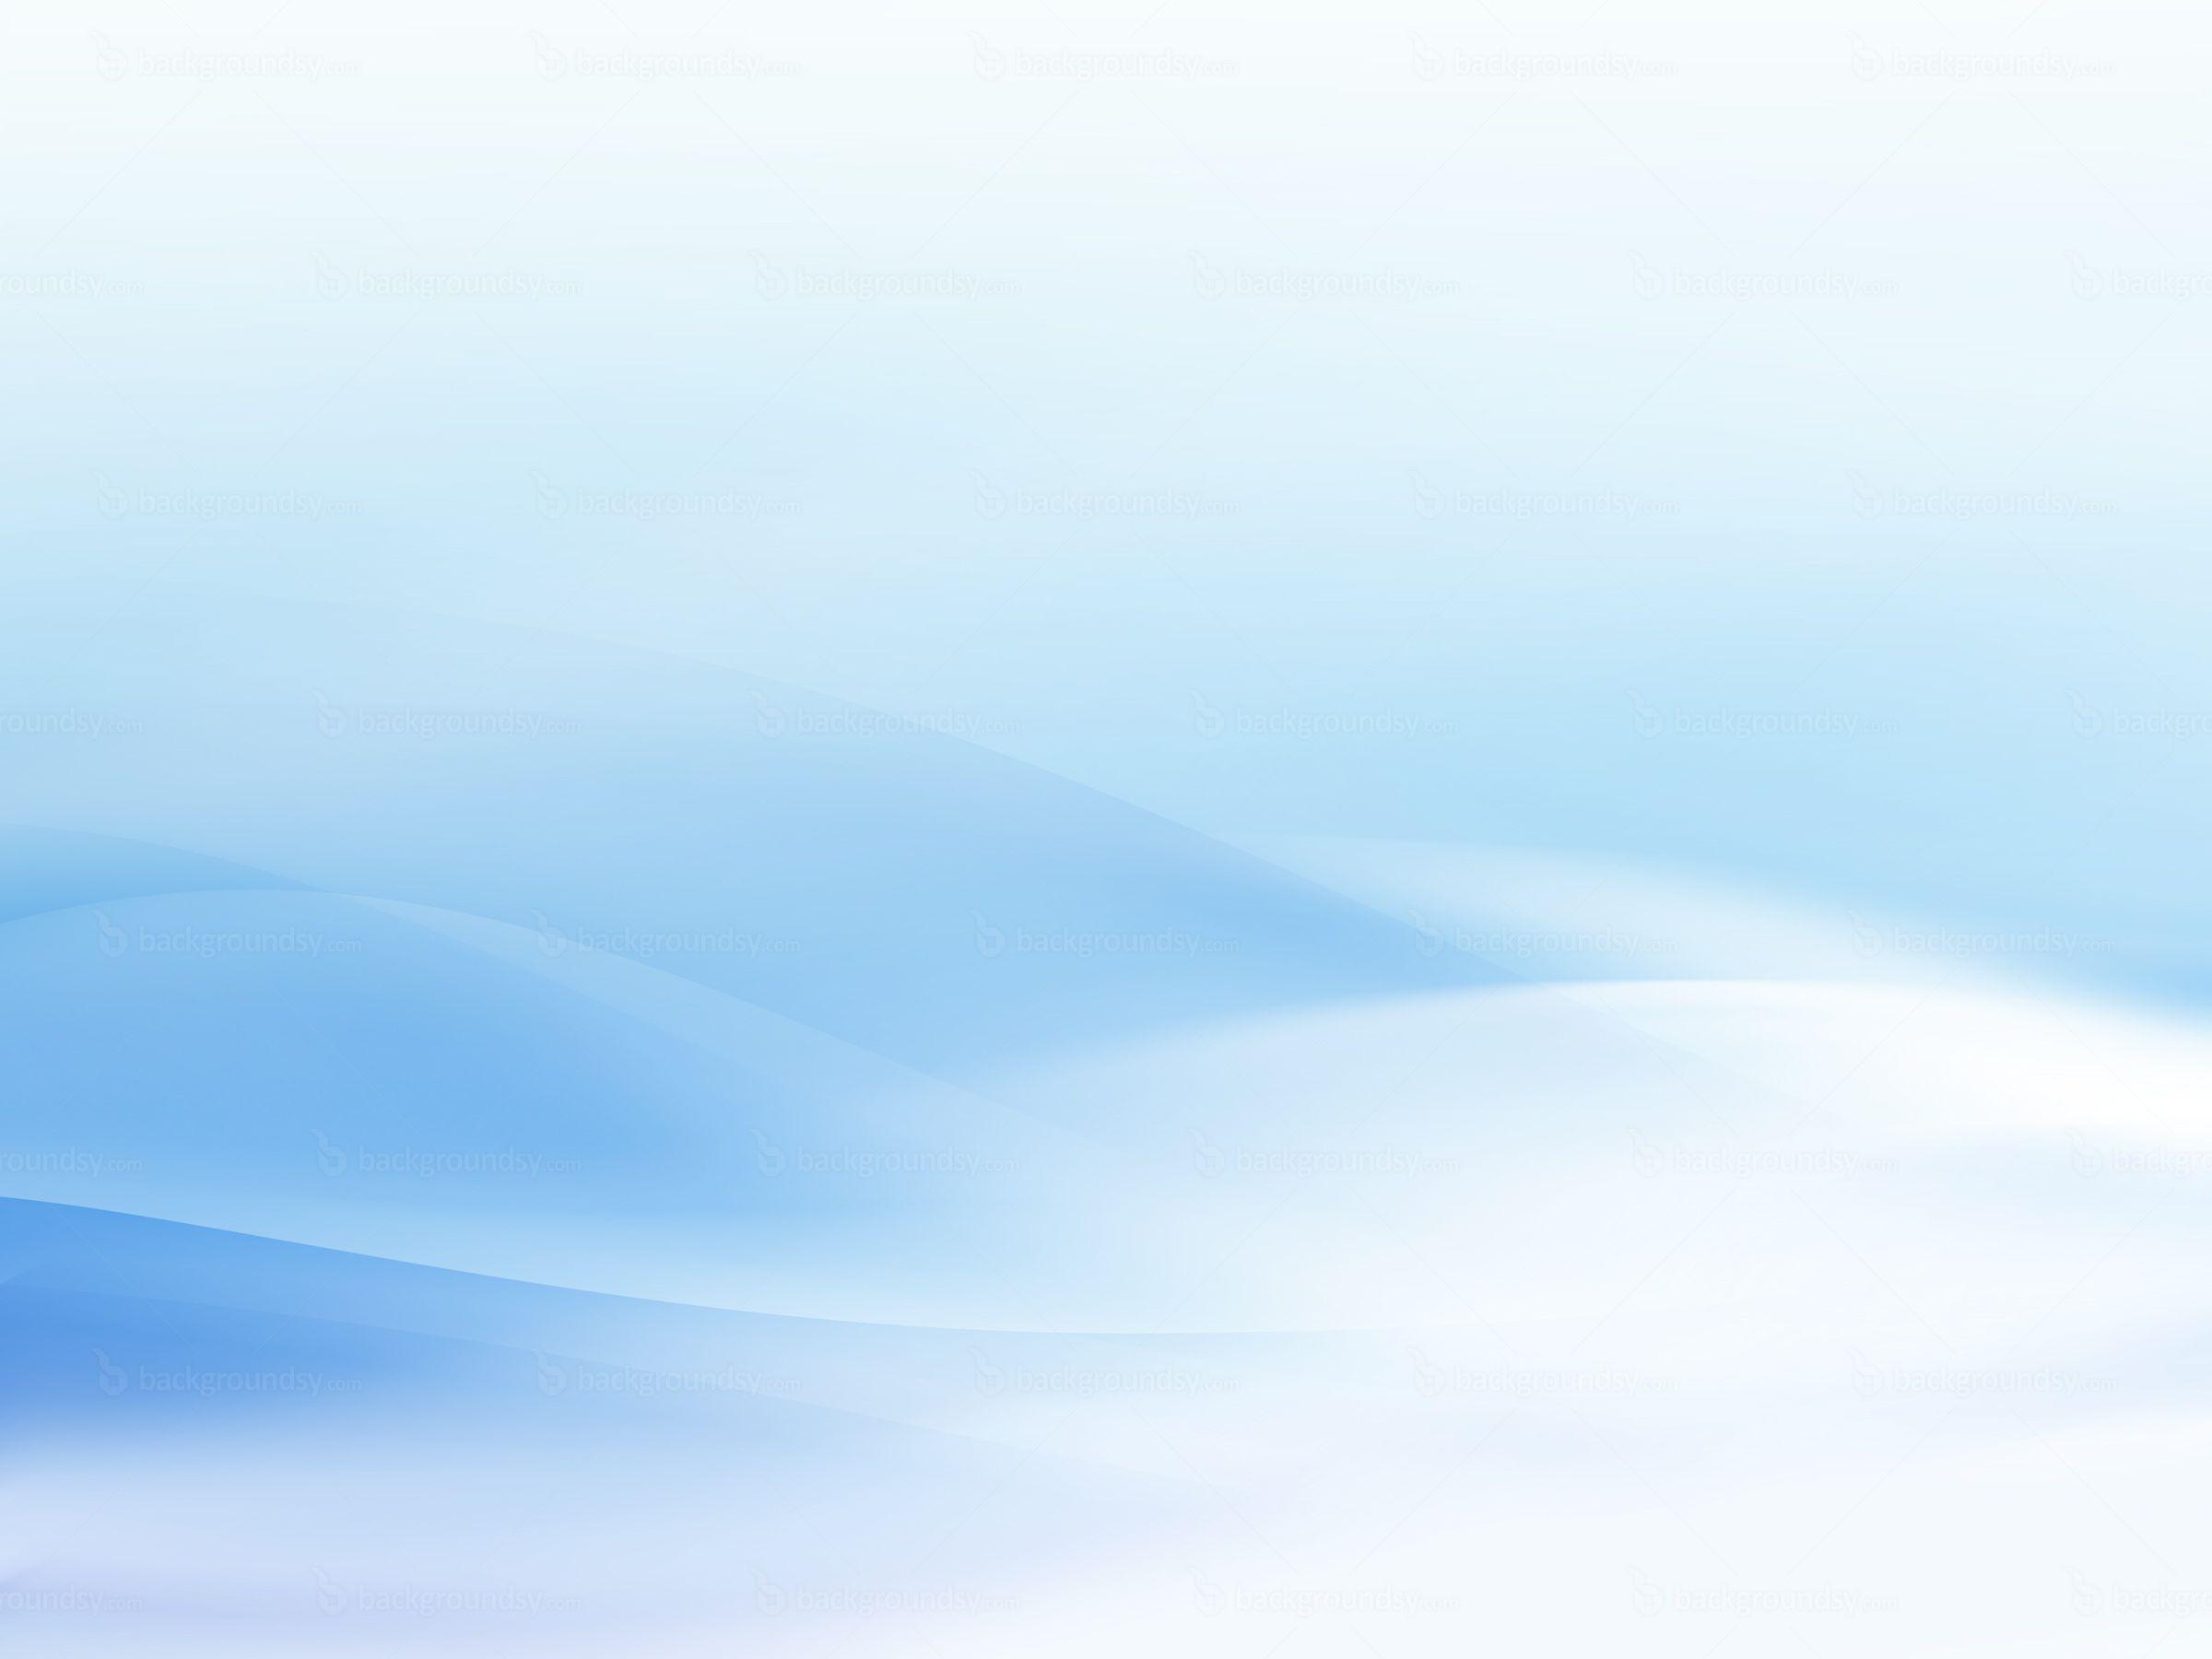 Light Blue Backgrounds 6800415 Desktop Background Pictures Light Blue Background Blue Background Wallpapers